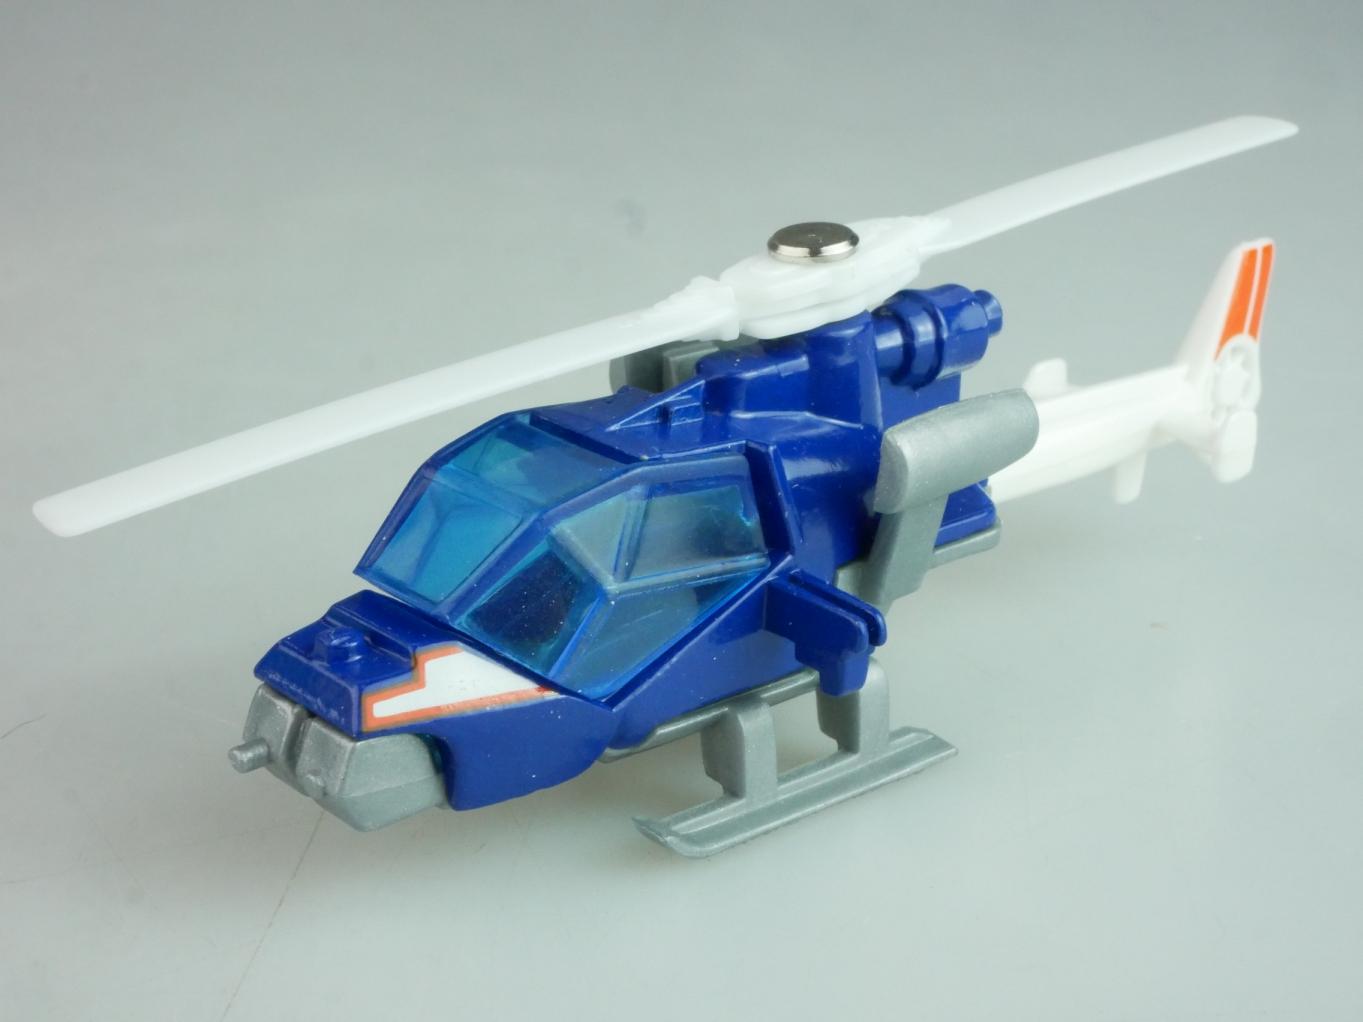 '87 Corvette (14-G/28-G) - 60892